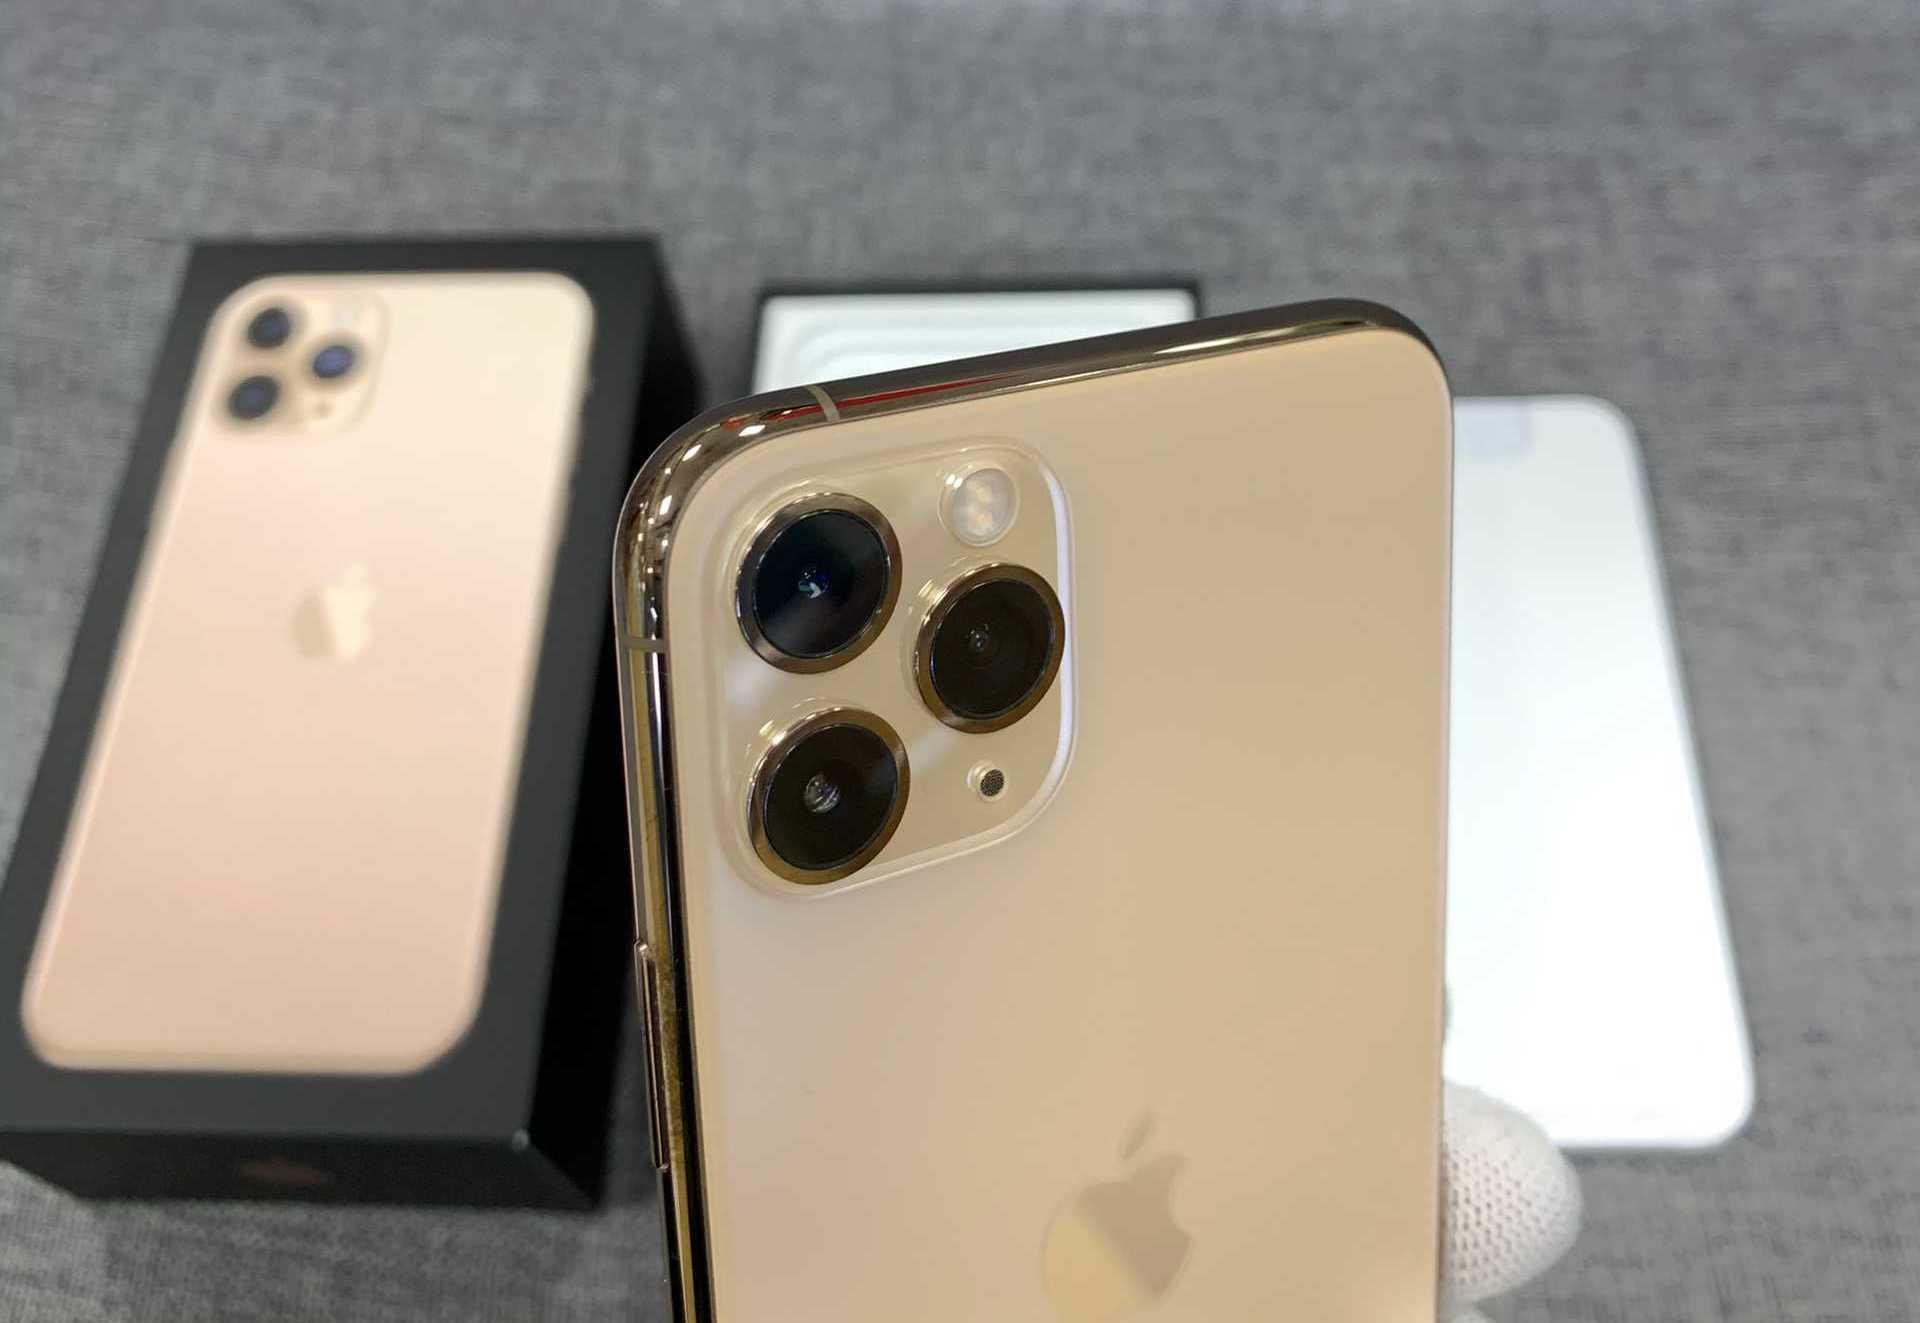 今年最贵的五款手机,苹果只能倒数,华为第二,榜首有些意外